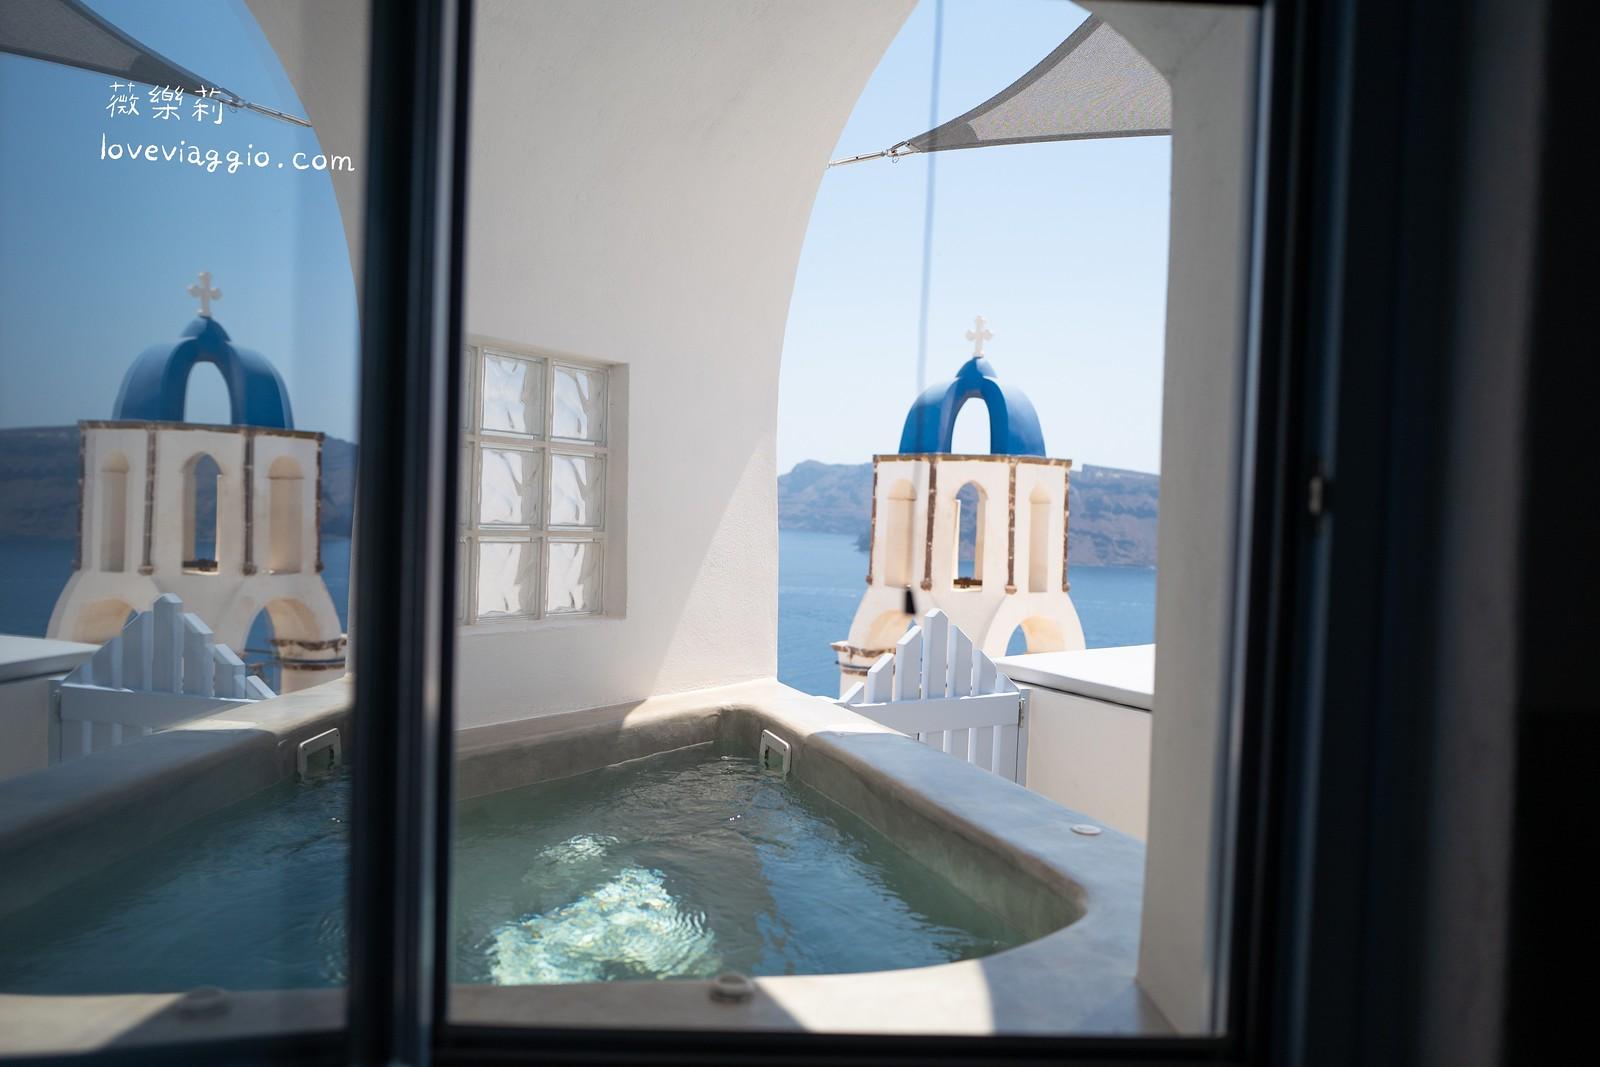 【希臘聖托里尼 Santorini】住在伊亞Oia藍頂教堂前的白色洞穴屋 Bluedome Suite 獨擁明信片美景 @薇樂莉 Love Viaggio | 旅行.生活.攝影